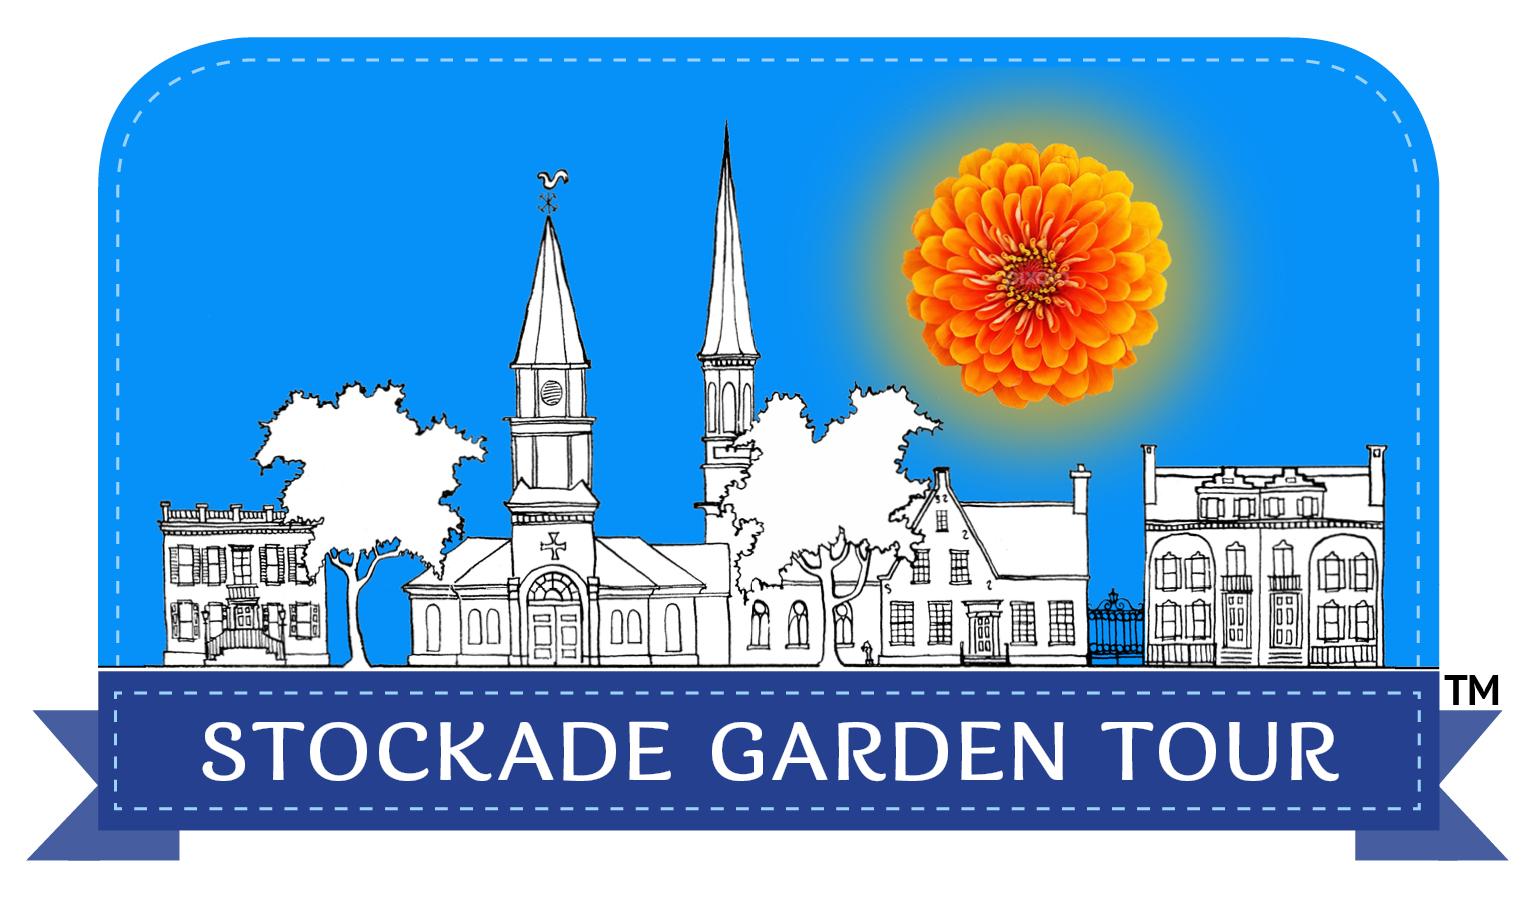 stockade garden tour banner